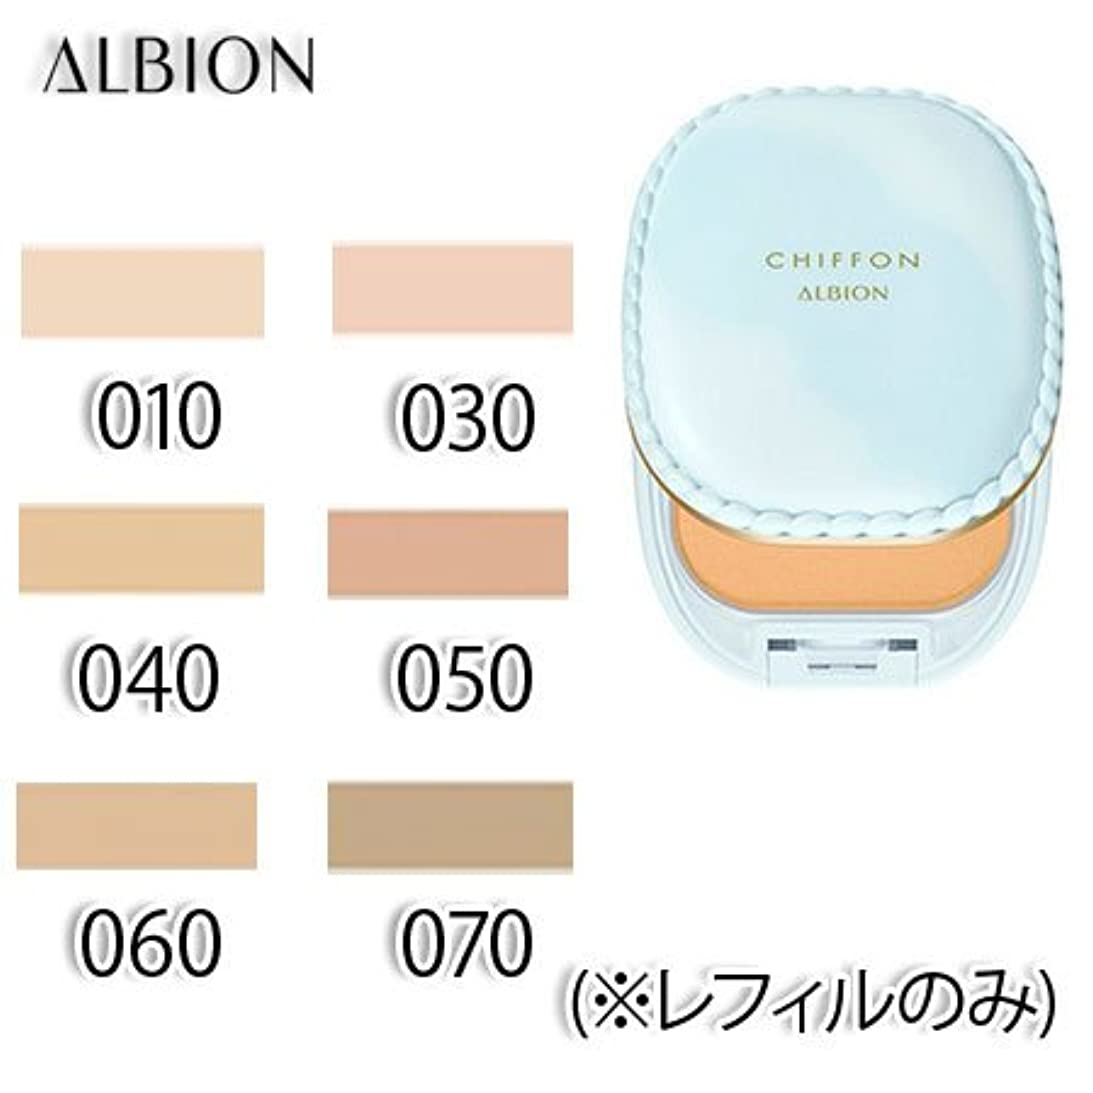 やめる拡声器ナイトスポットアルビオン スノー ホワイト シフォン 全6色 SPF25?PA++ 10g (レフィルのみ) -ALBION- 050